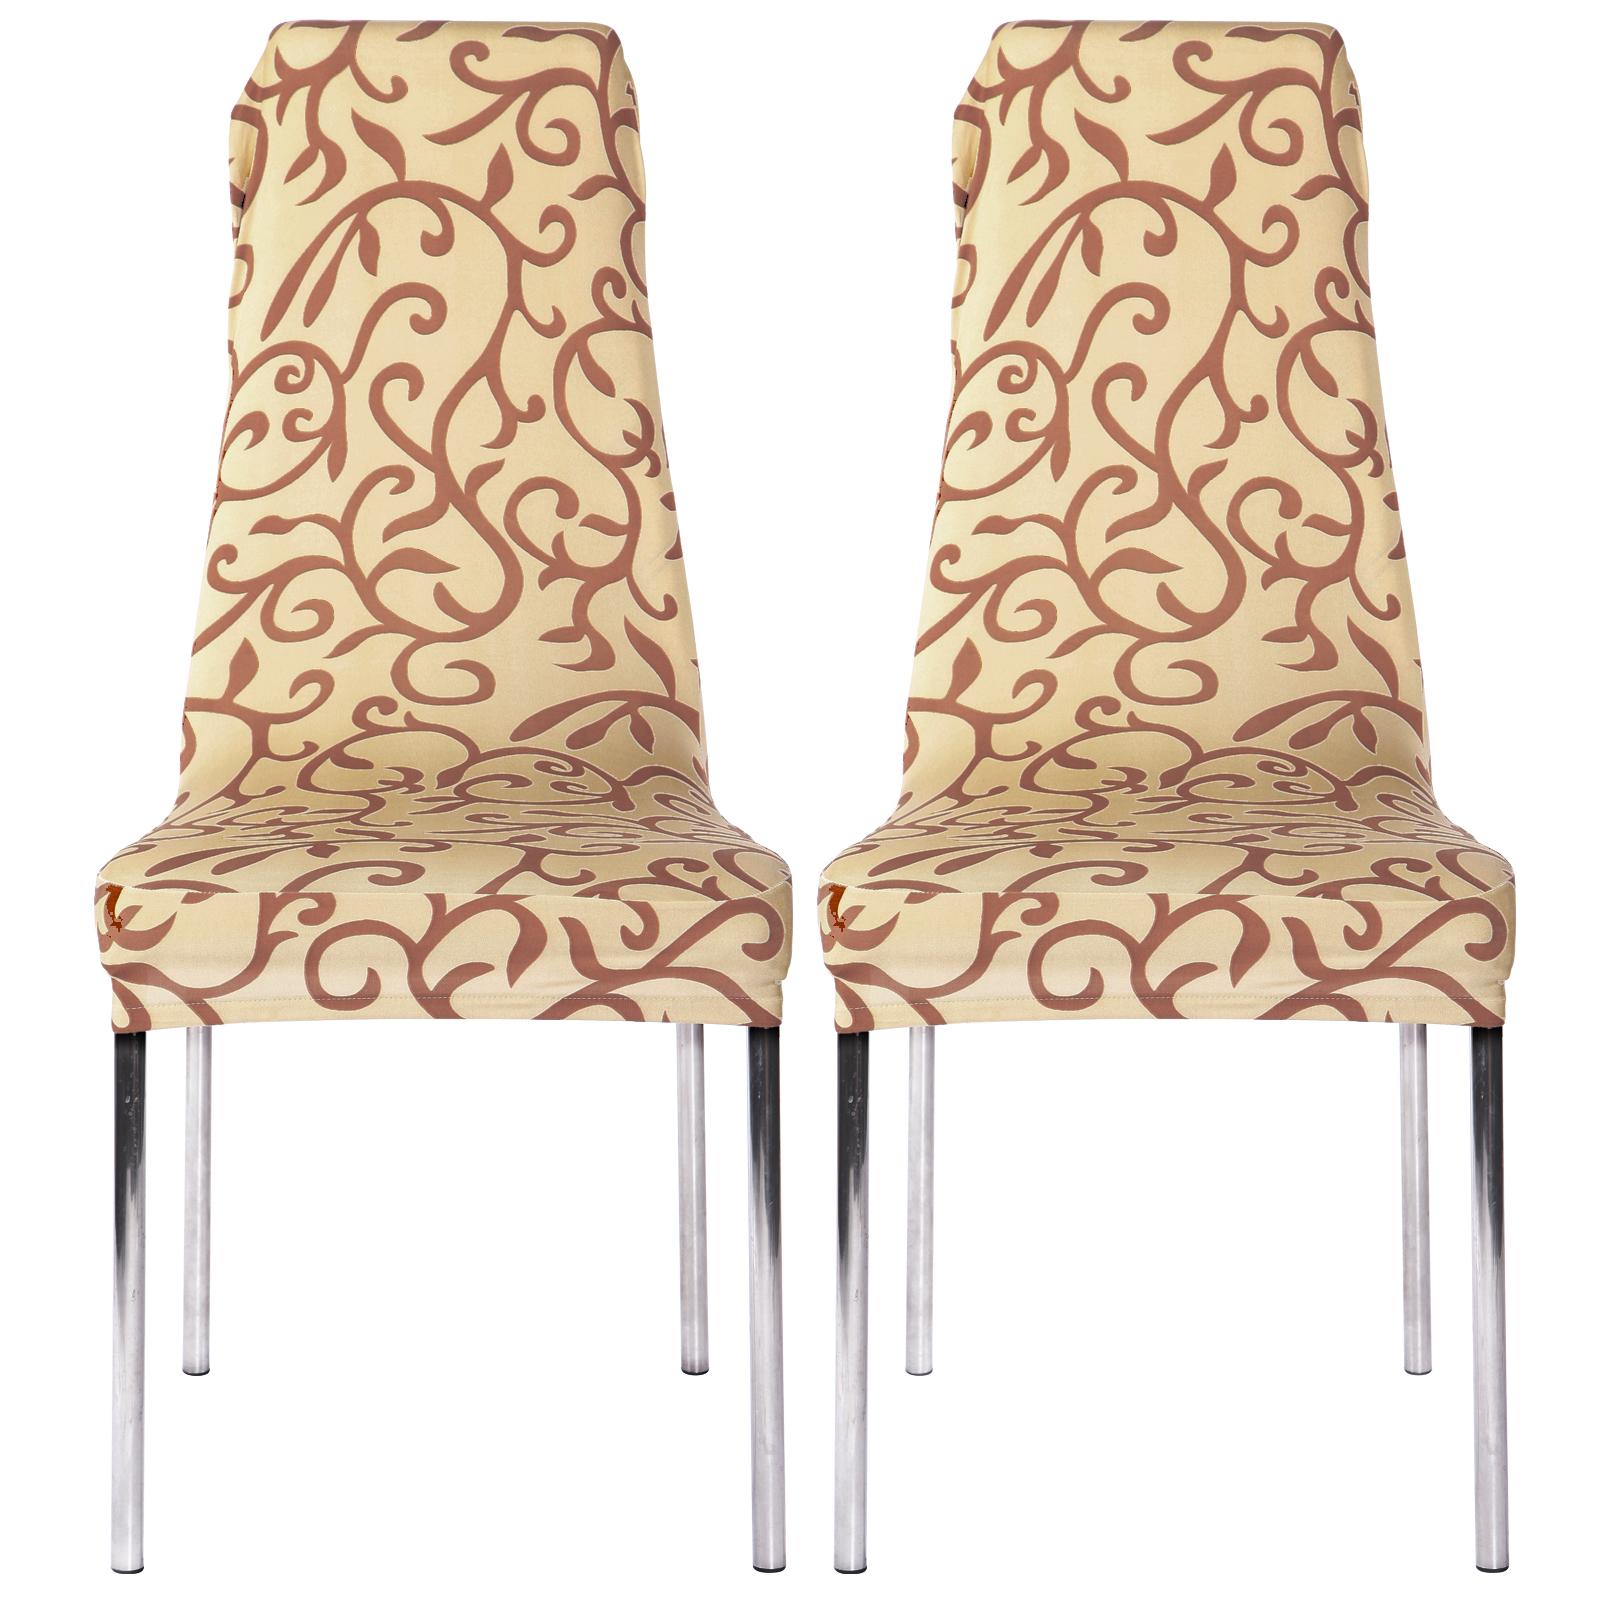 9a205107765f9e 2x Housse Chaise Couverture Elastique fete Soirée célébration rotin ...